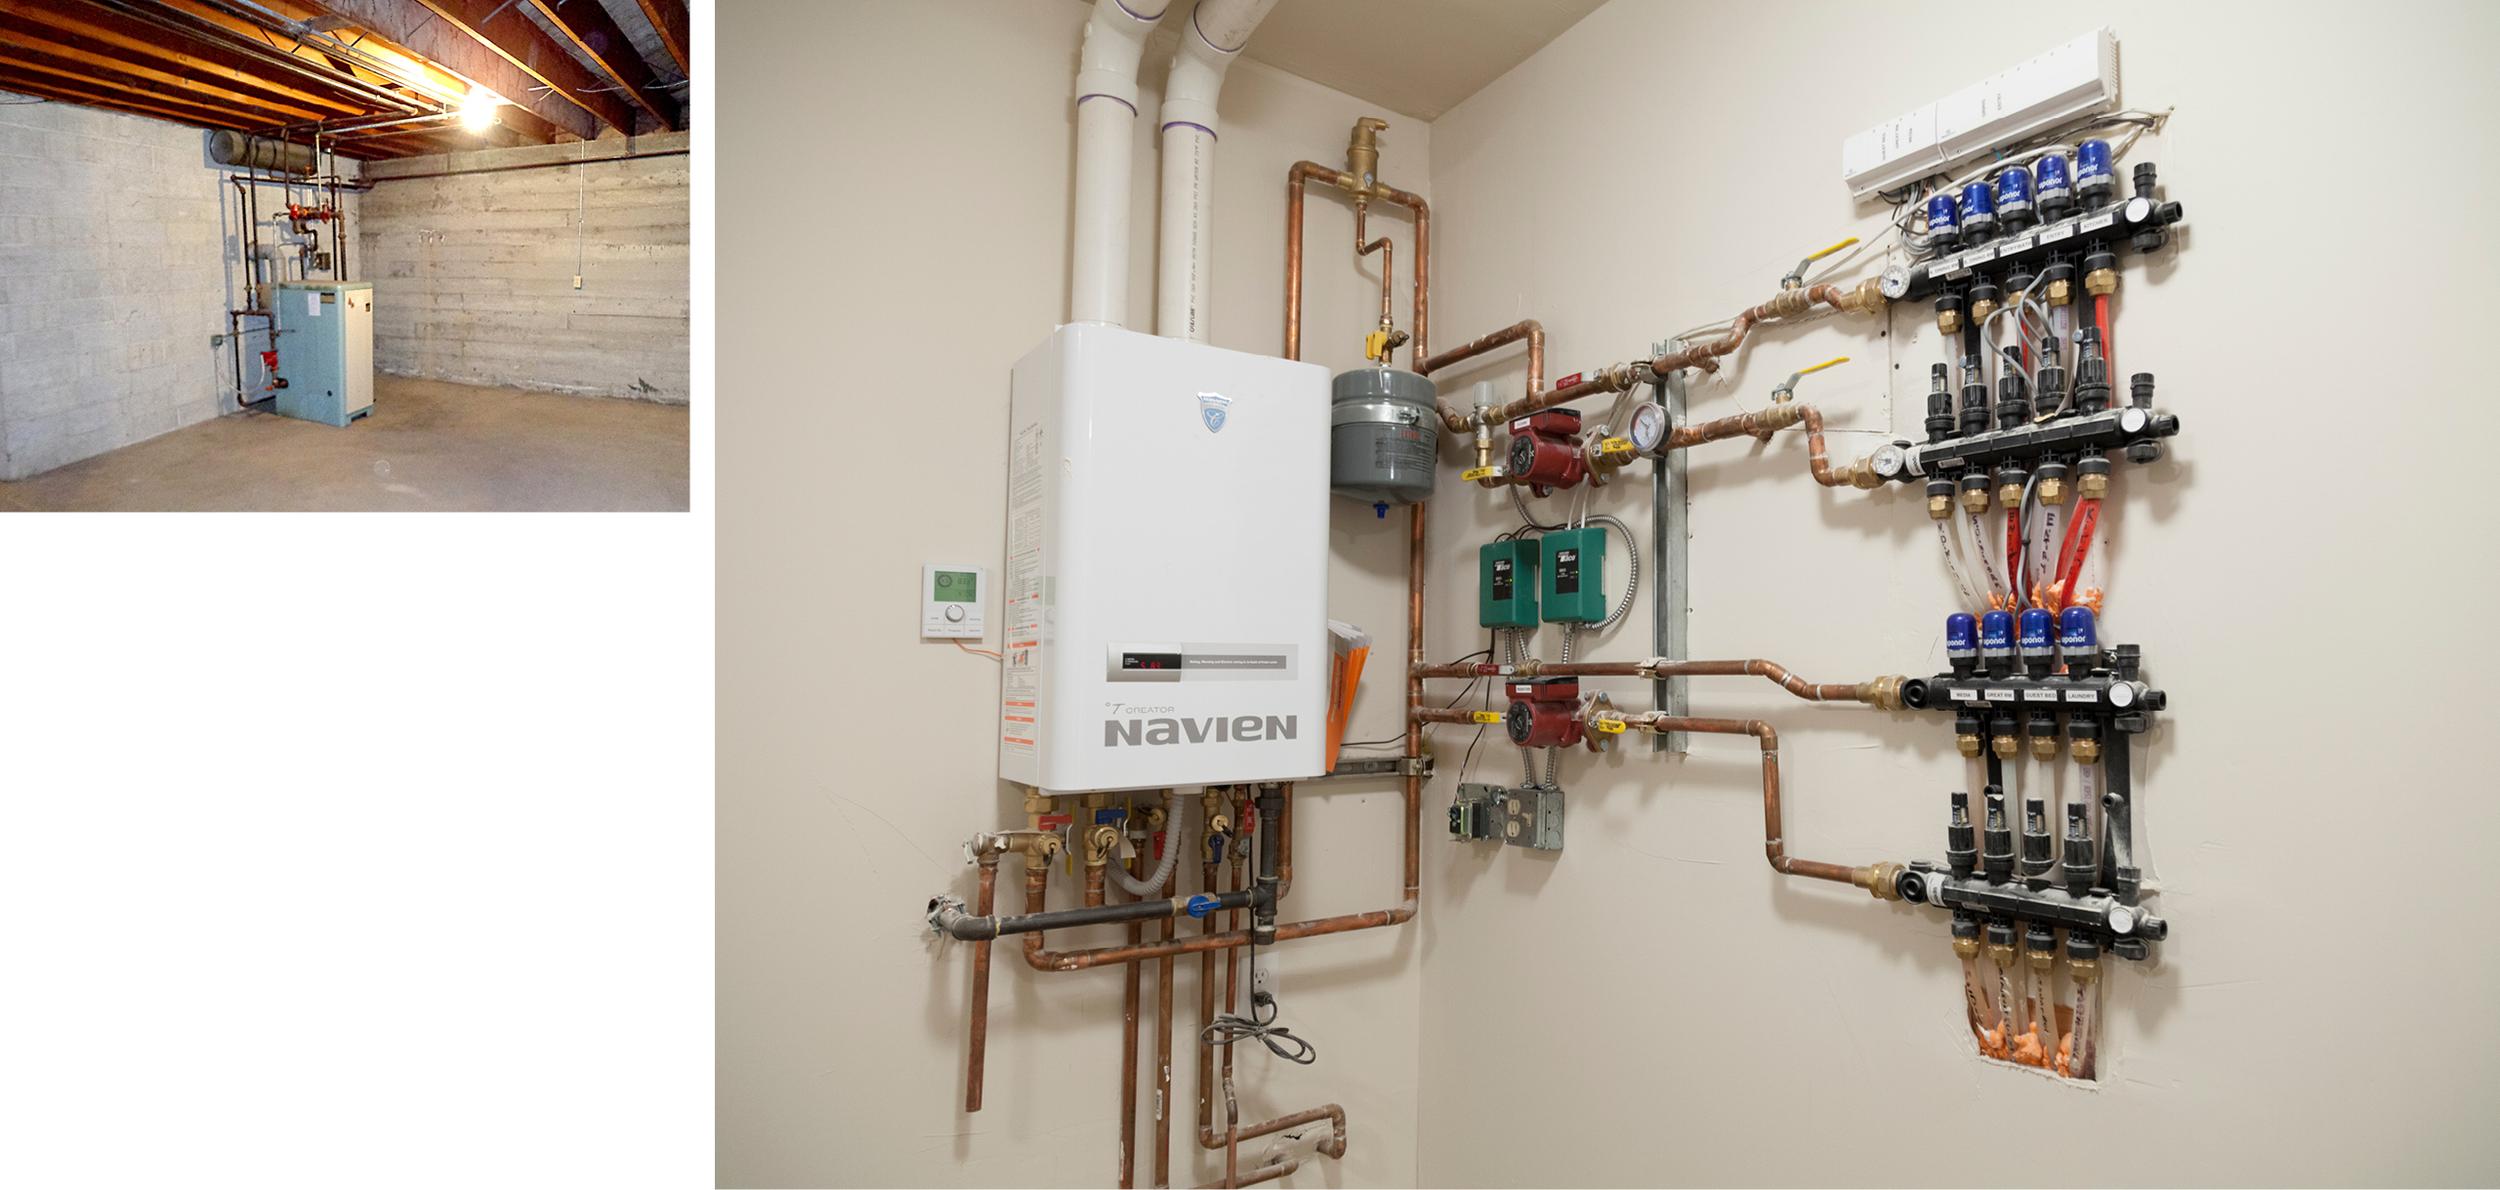 Radiant Heating Boiler